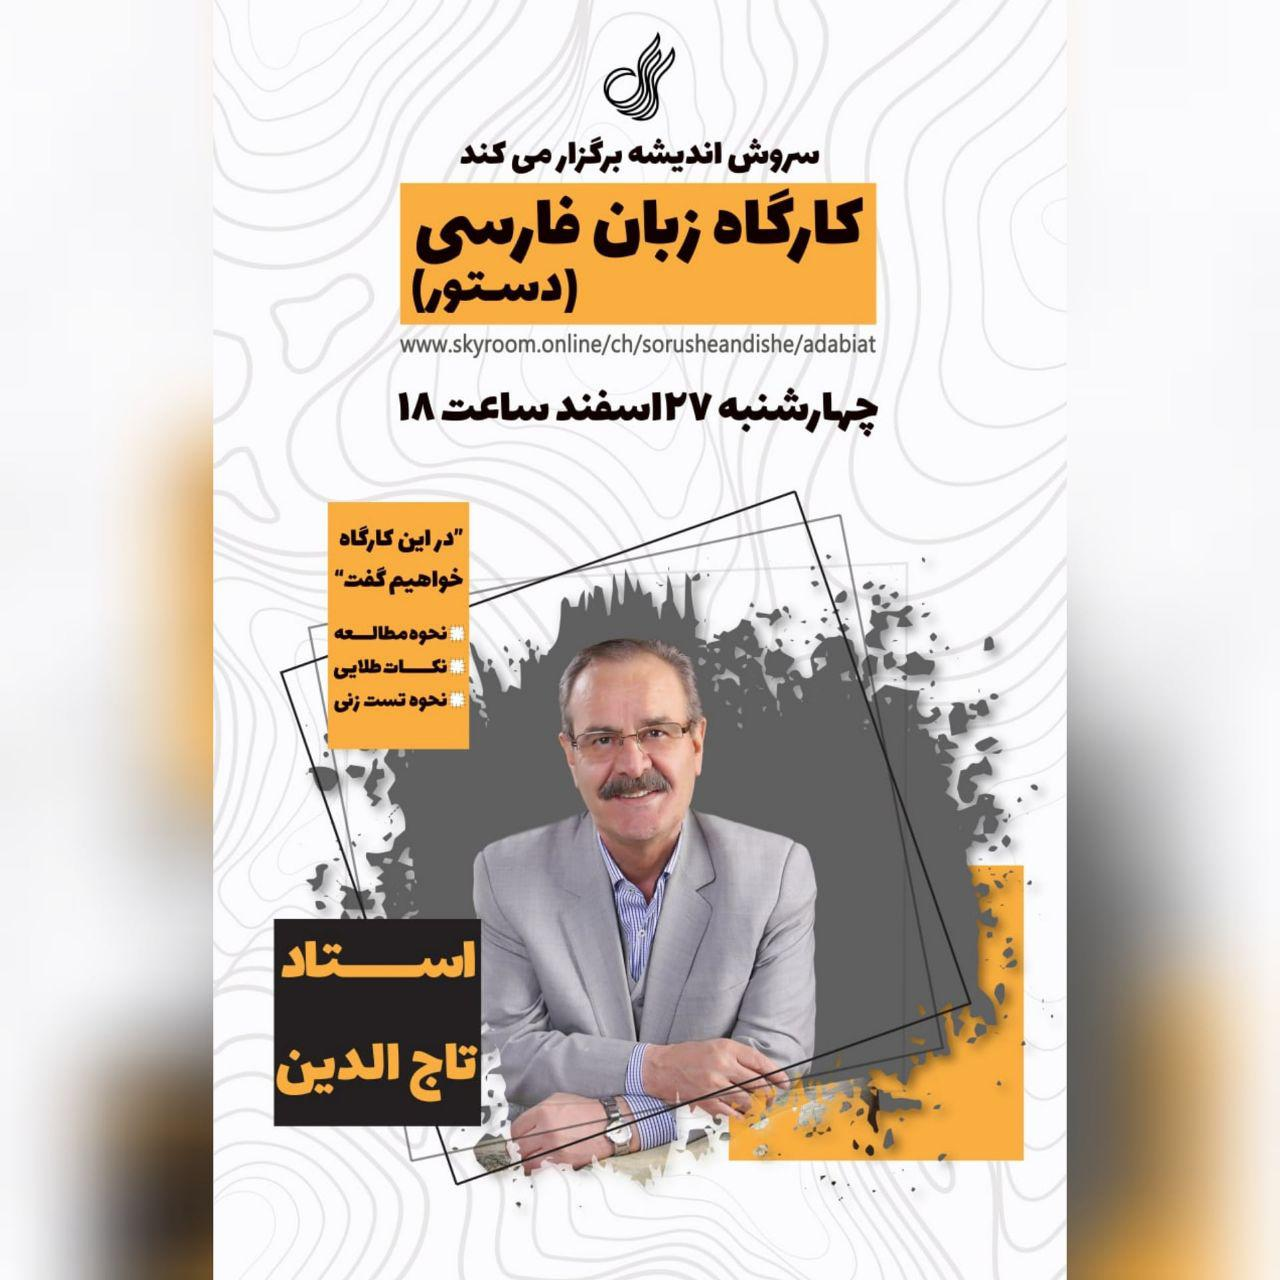 کارگاه زبان فارسی استاد تاج الدین